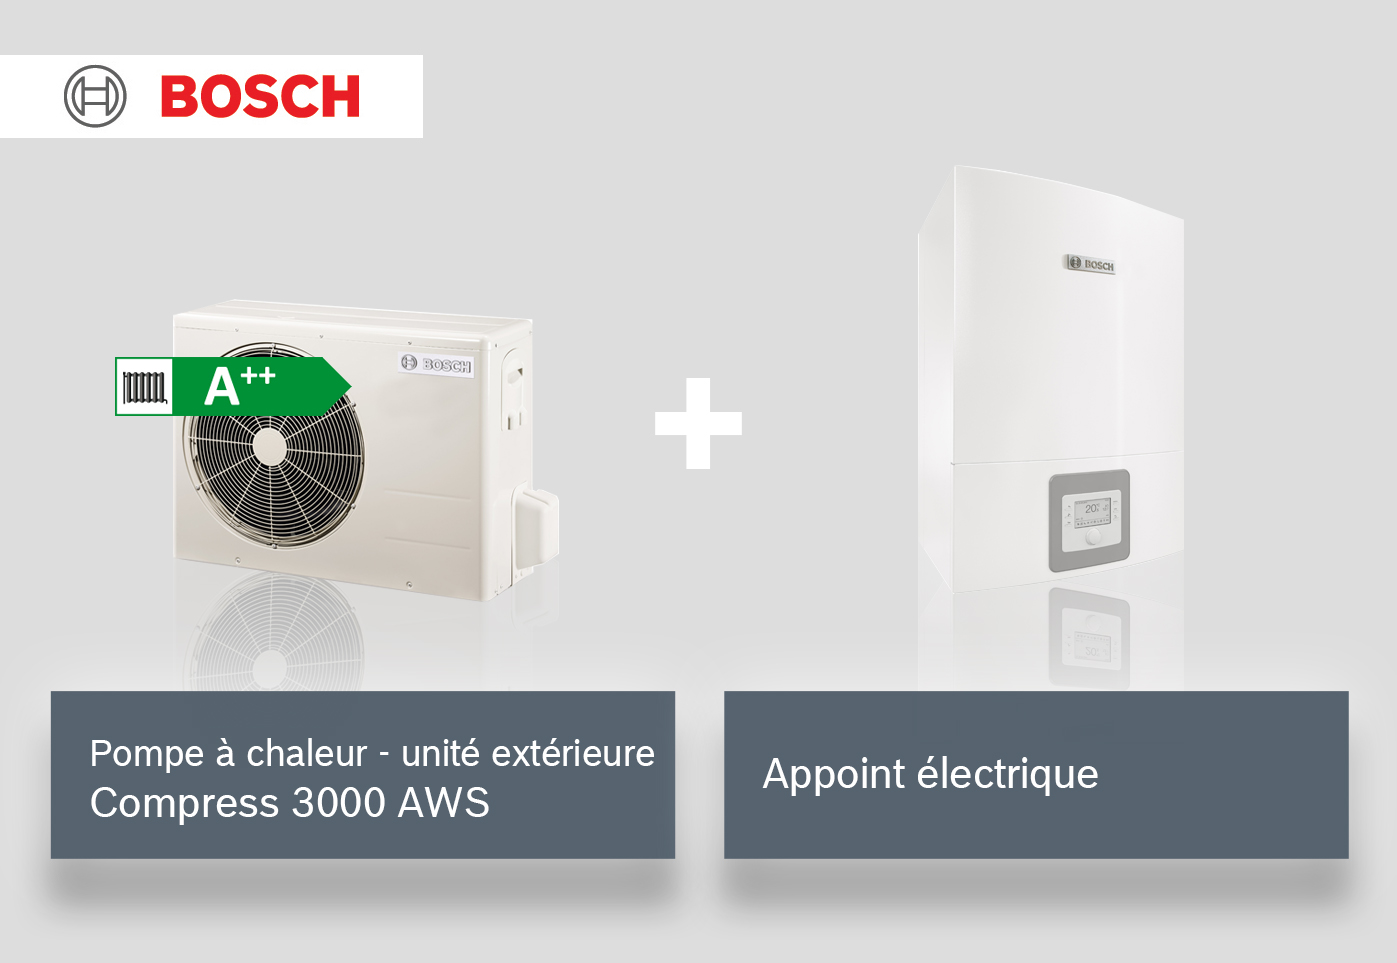 Solution Compress 3000 AWS + Appoint électrique